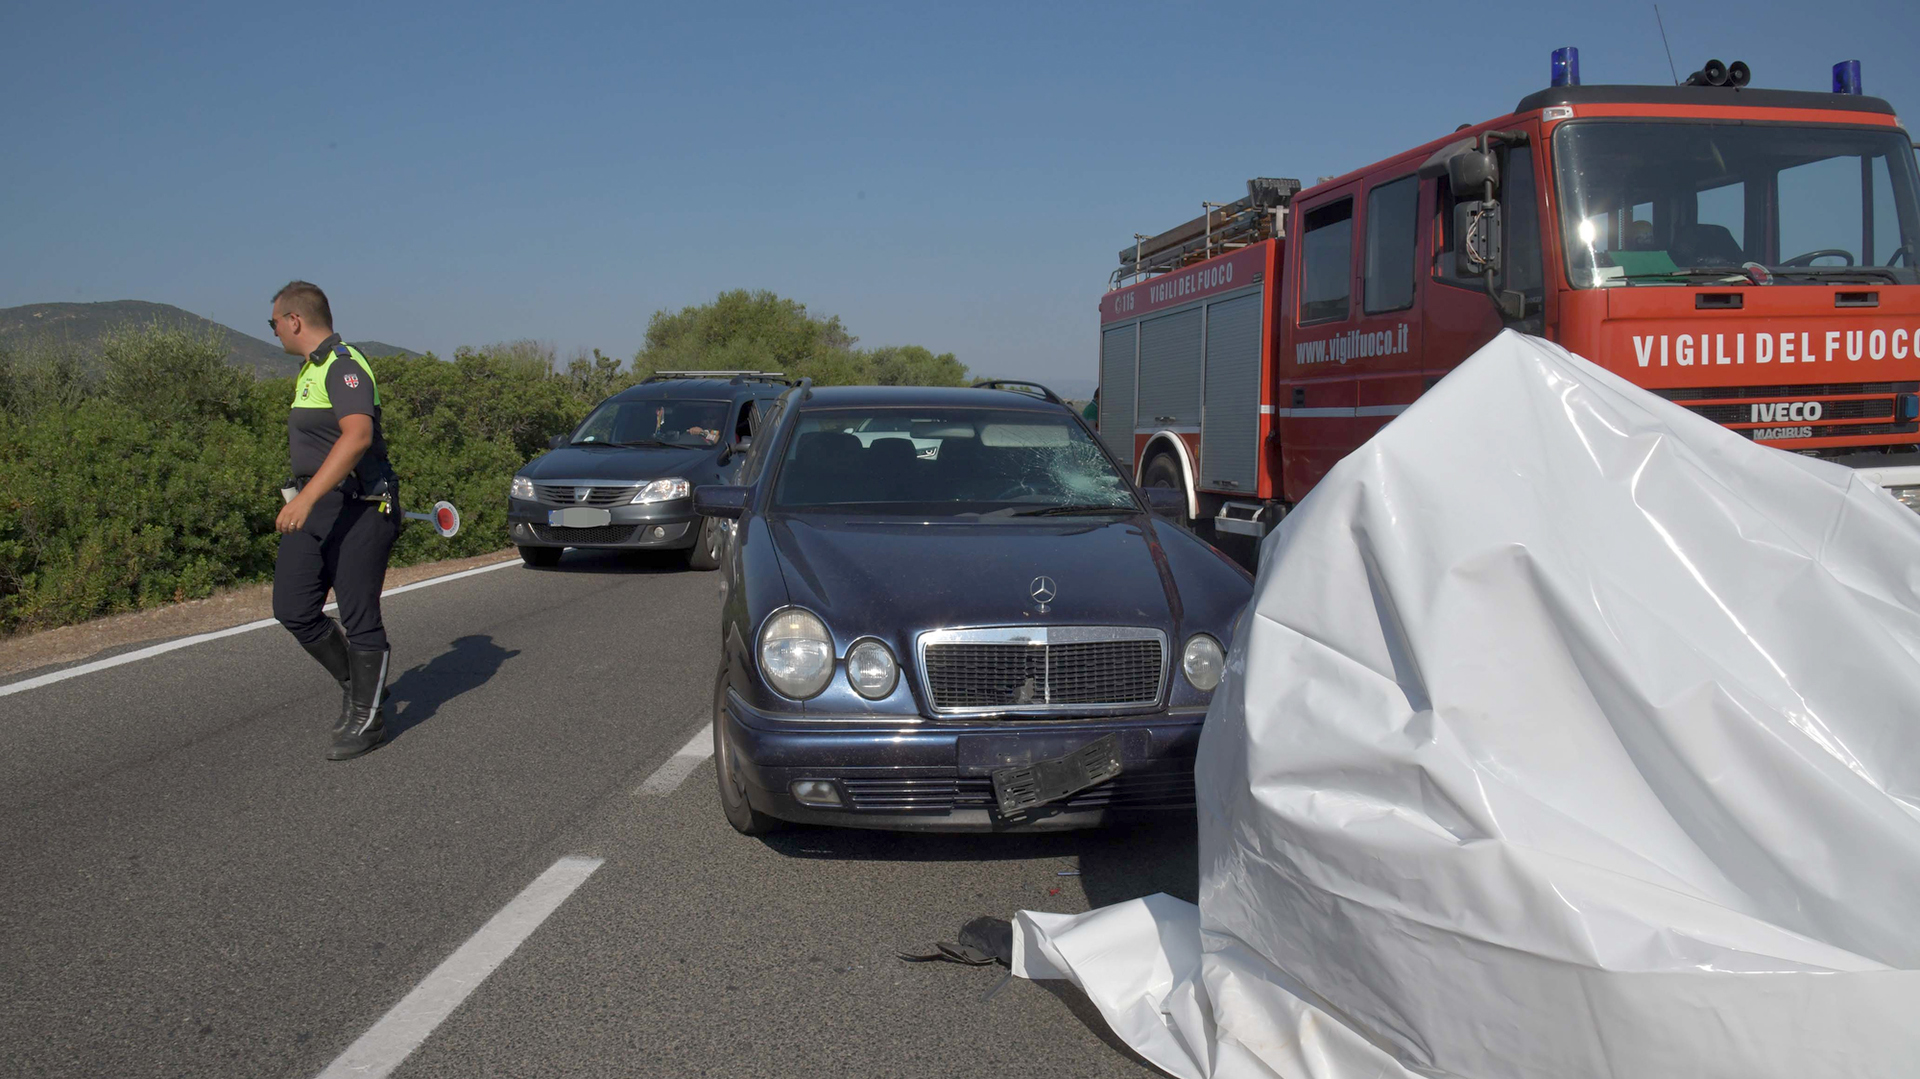 El vehículo Mercedes Benz quedó detenido en medio de la carreterade CerdeñaenCosta Corallina. (Grosby Group)